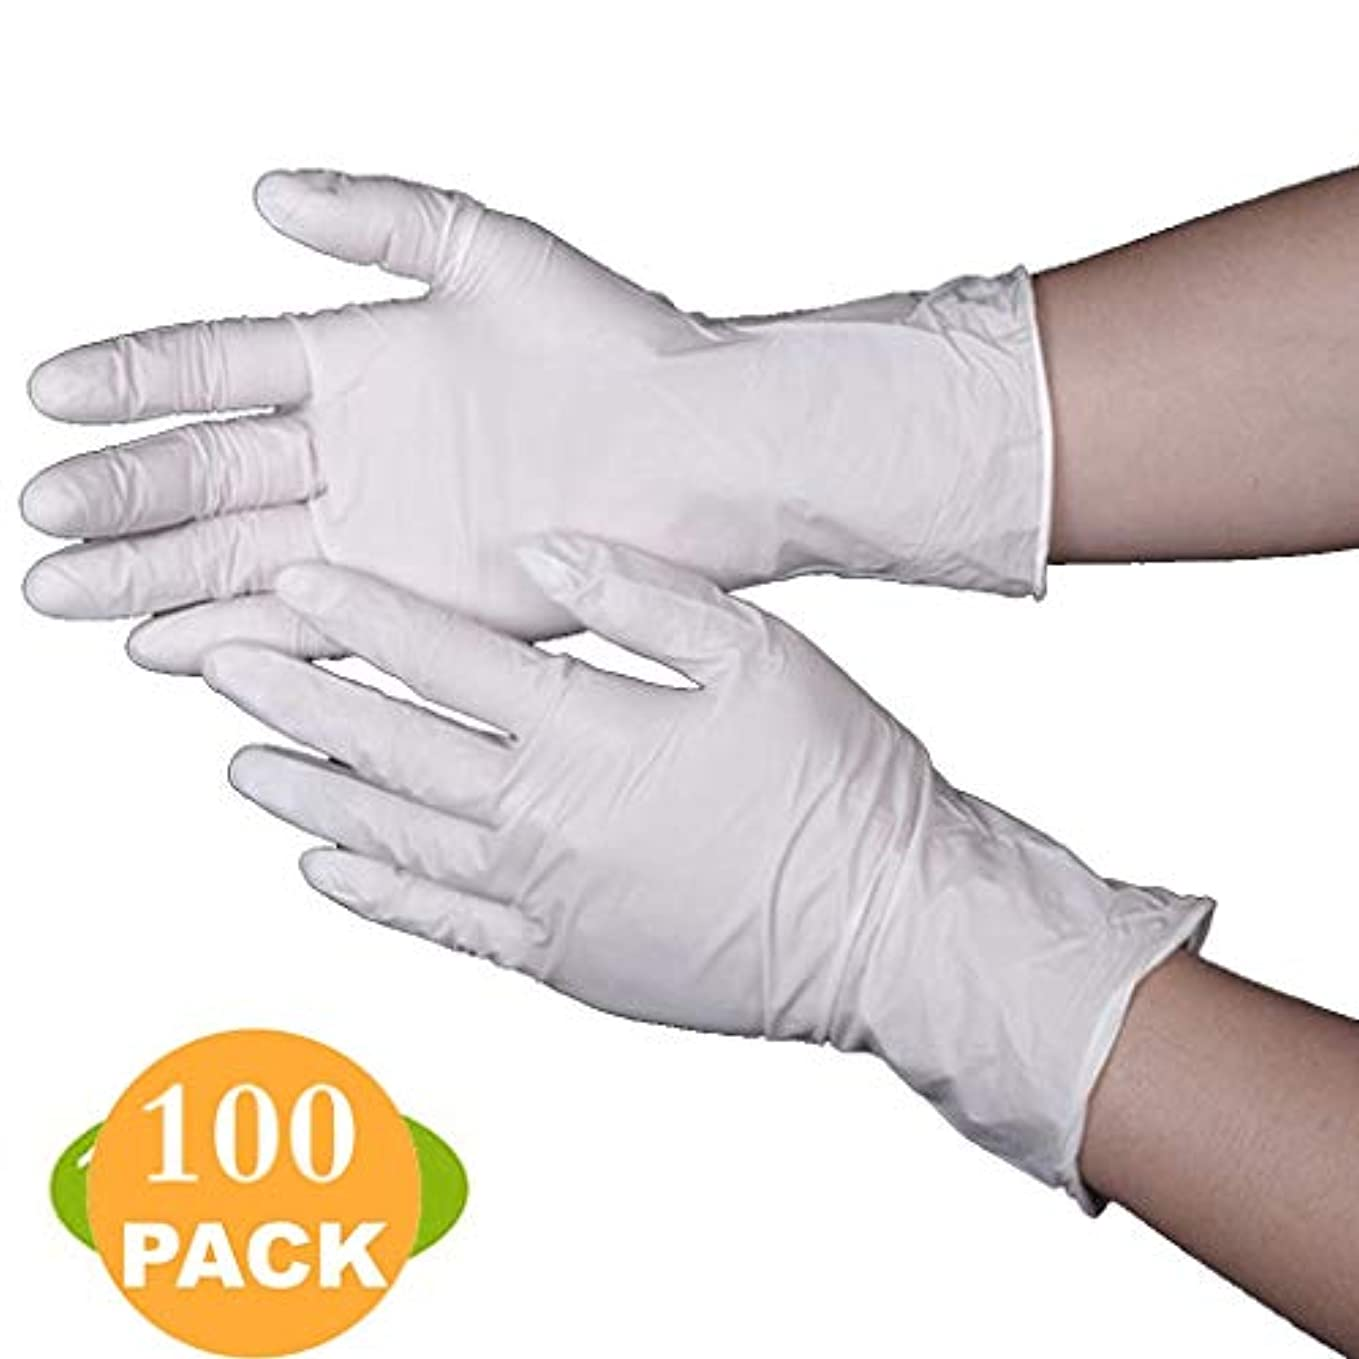 追跡マトン十億ニトリル使い捨て9インチの厚さのゴム食品加工手袋ホワイト耐性-100パーボックス (Size : M)